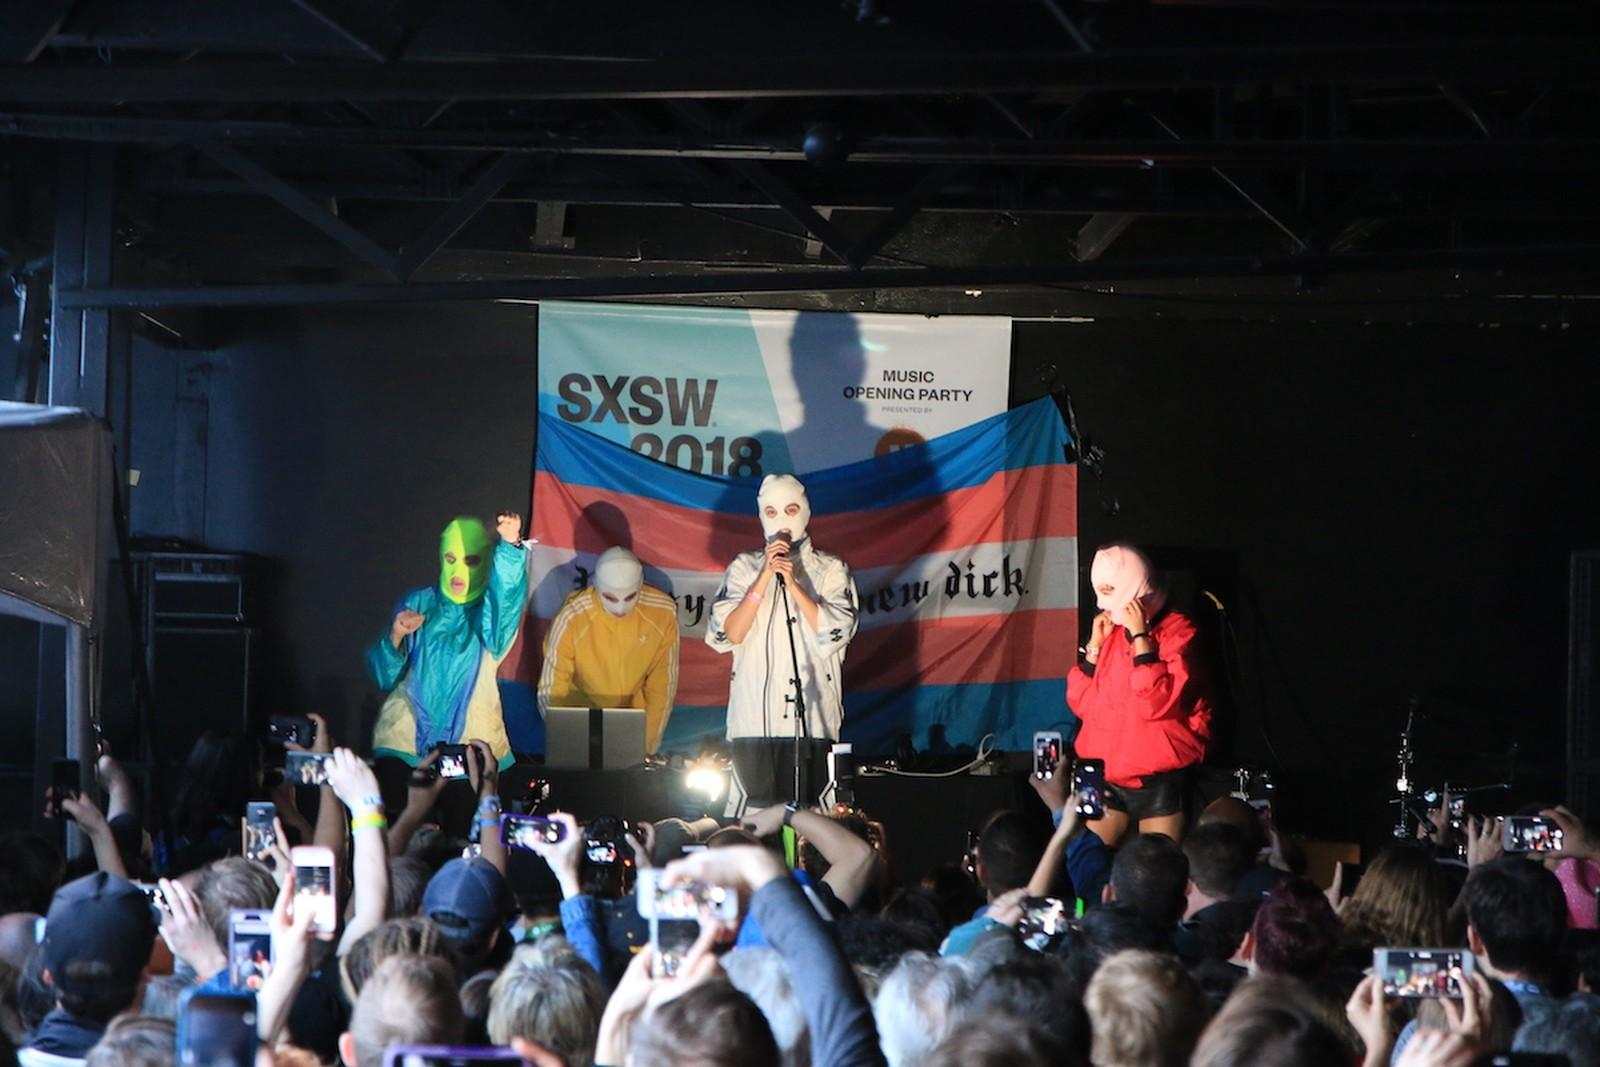 Com bandeira trans, Pussy Riot faz show com protesto no South by Southwest